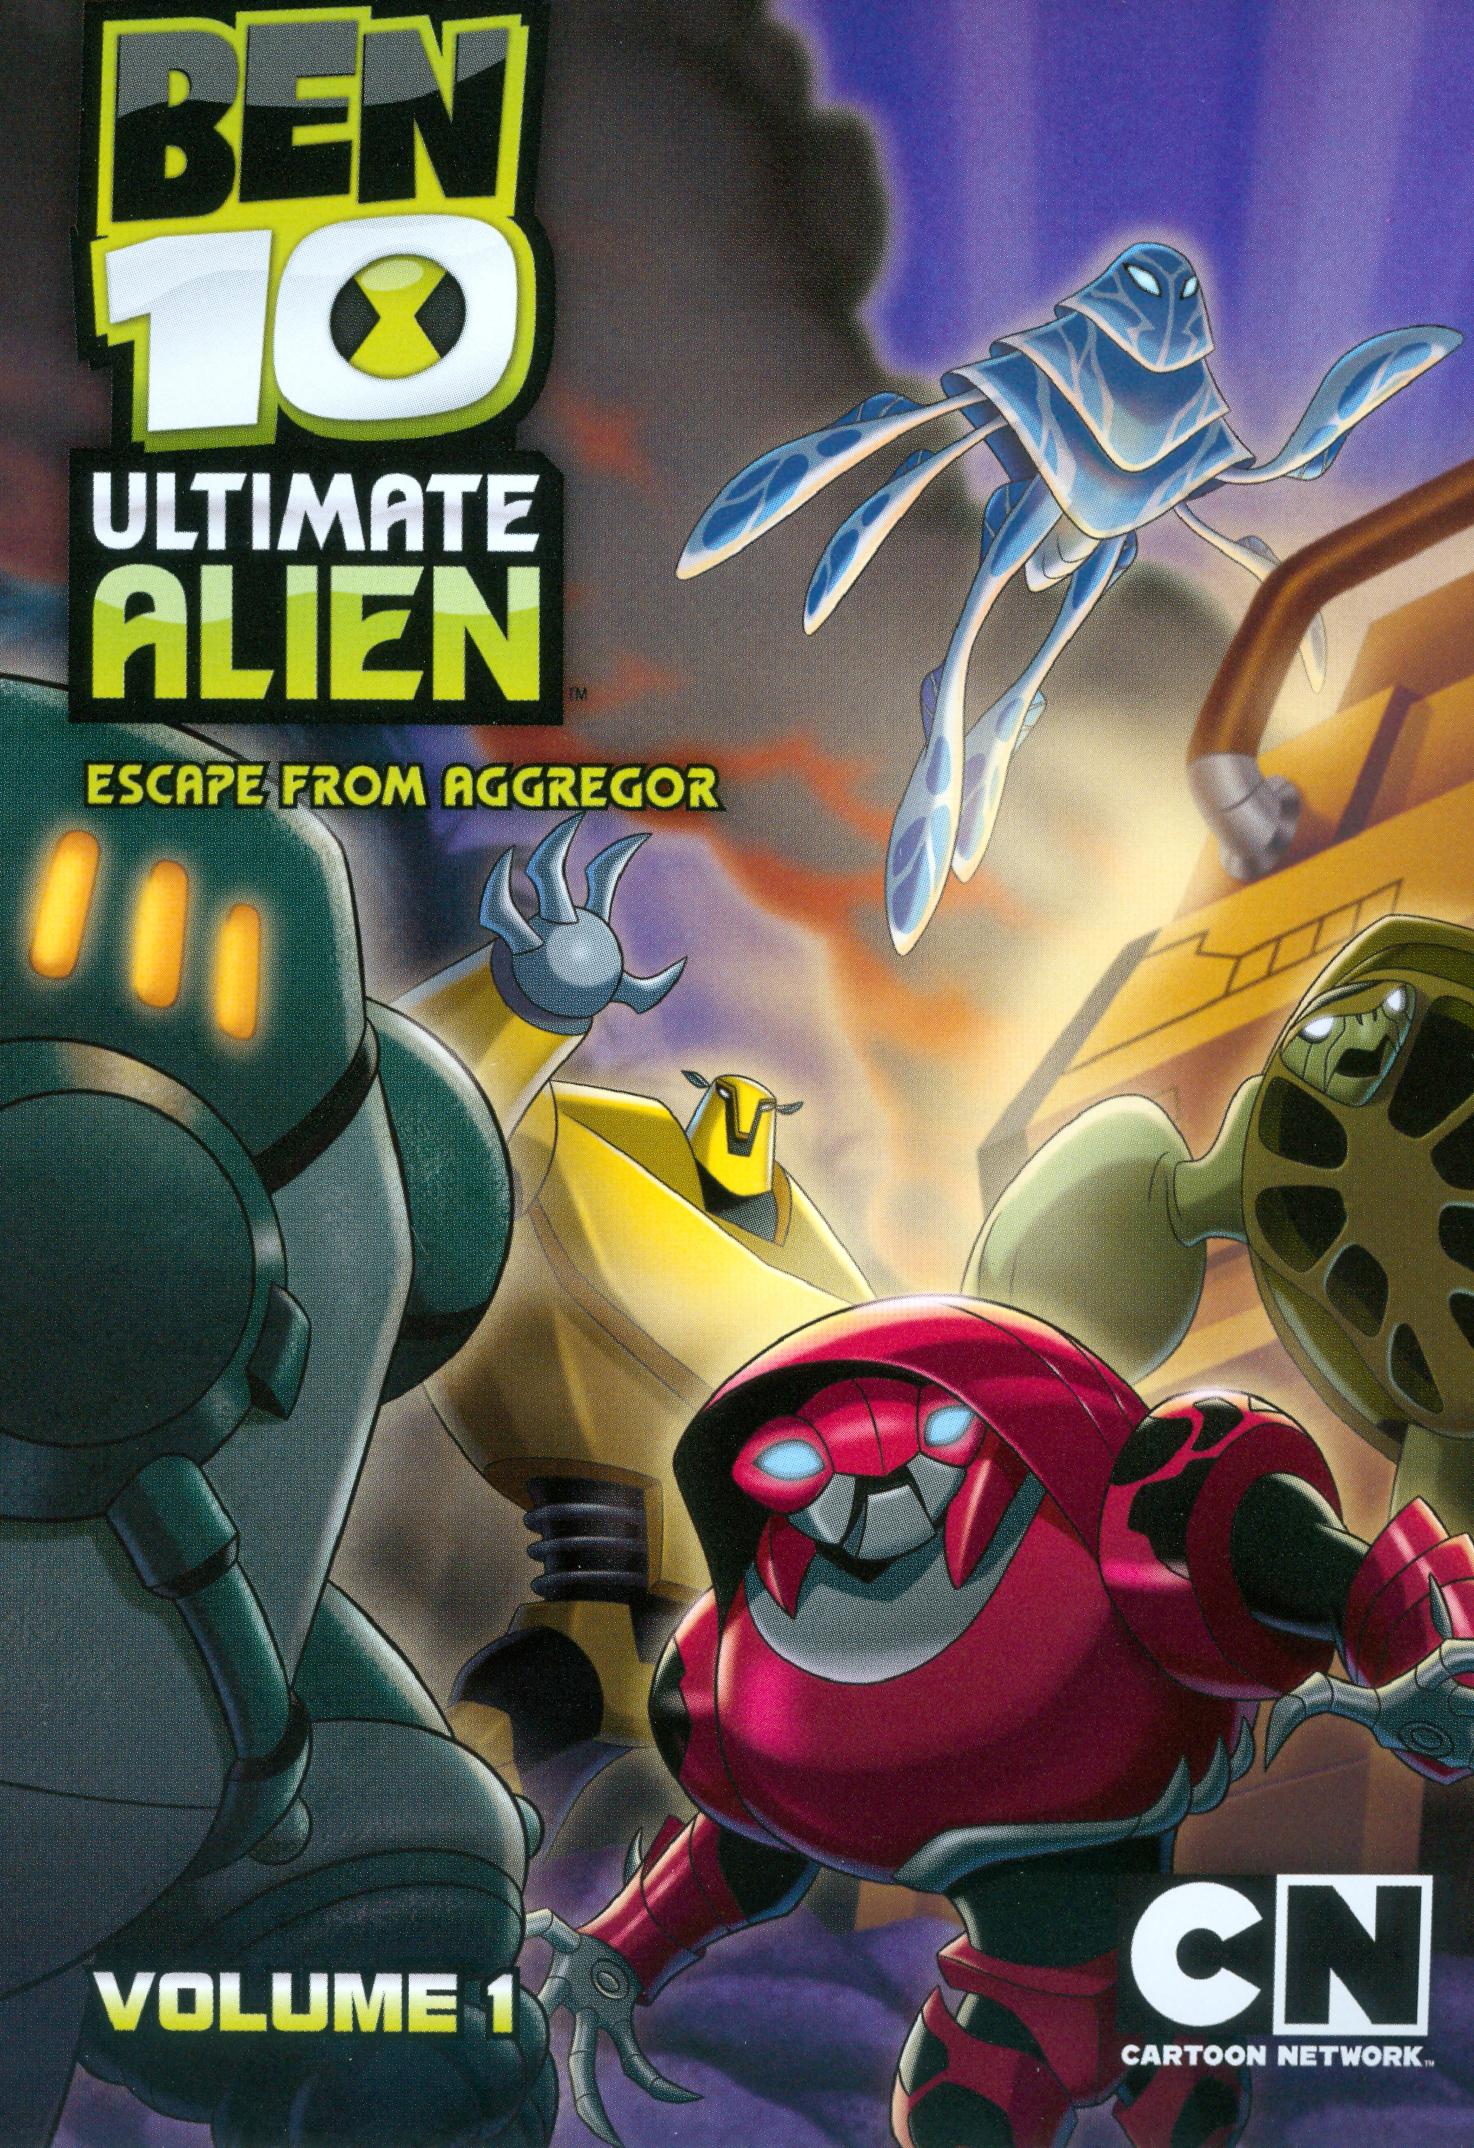 Ben 10: Ultimate Alien, Vol. 1 [2 Discs] (dvd) 1736193